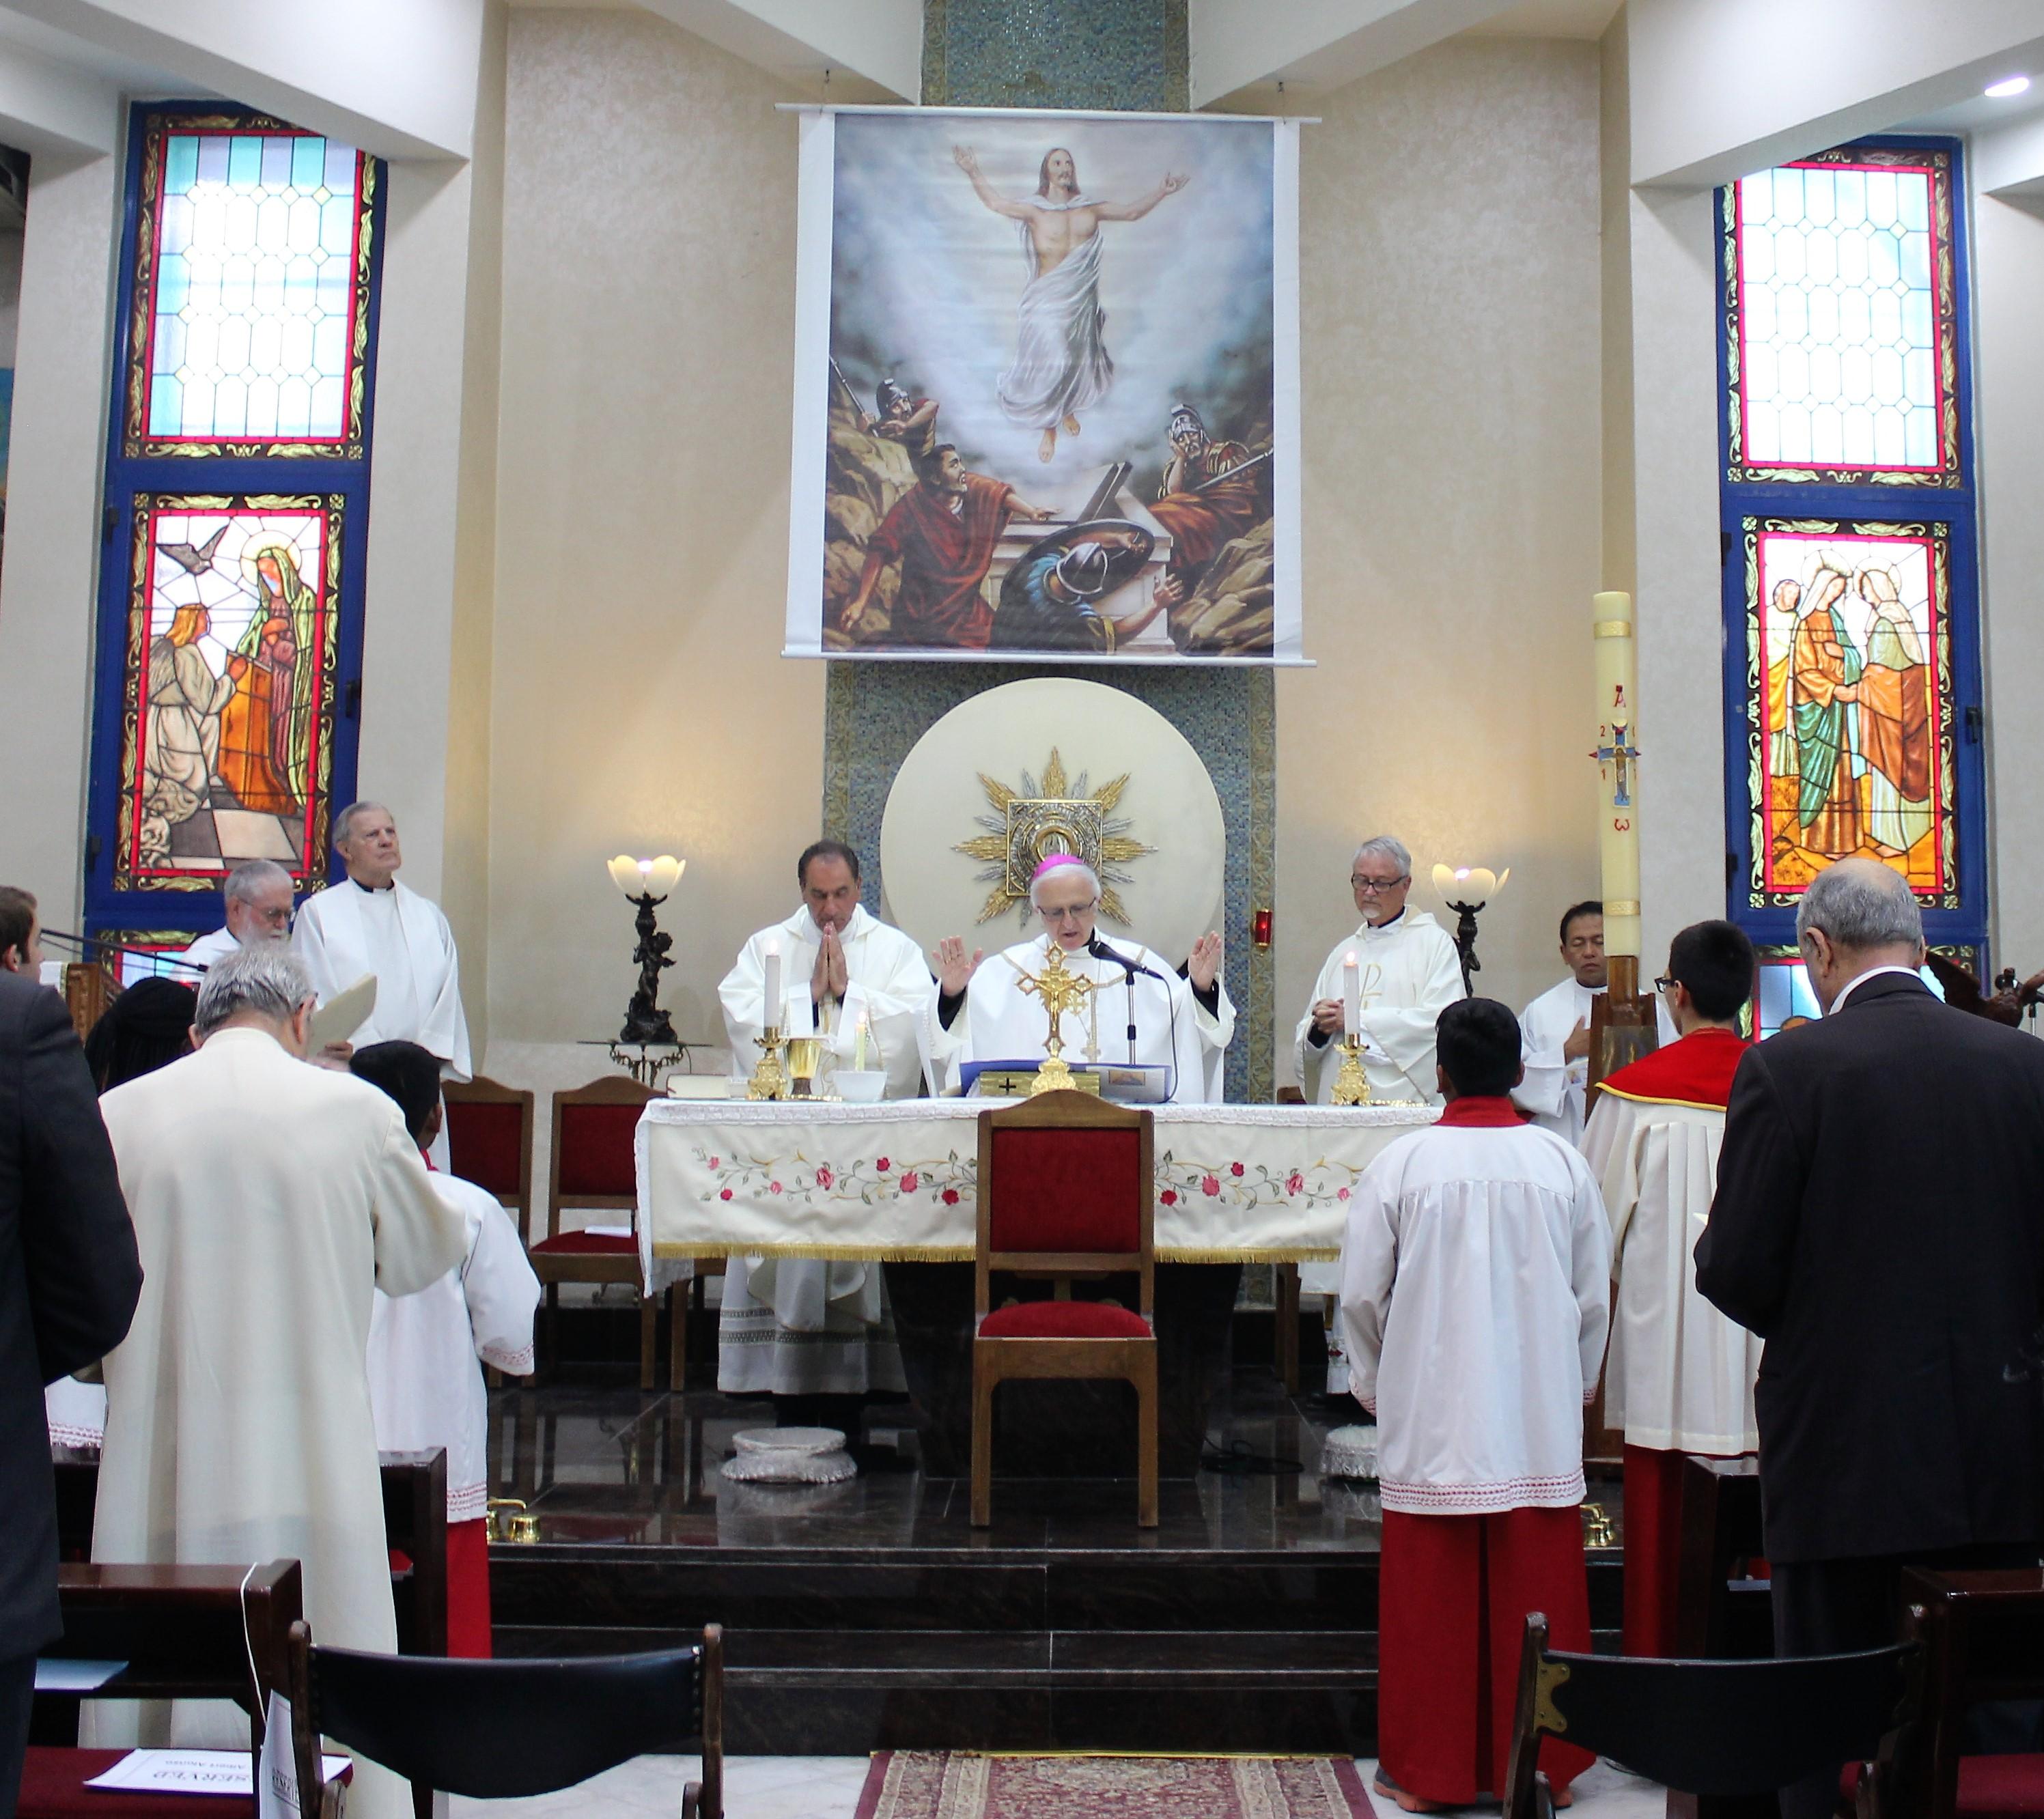 Beginning the Mass